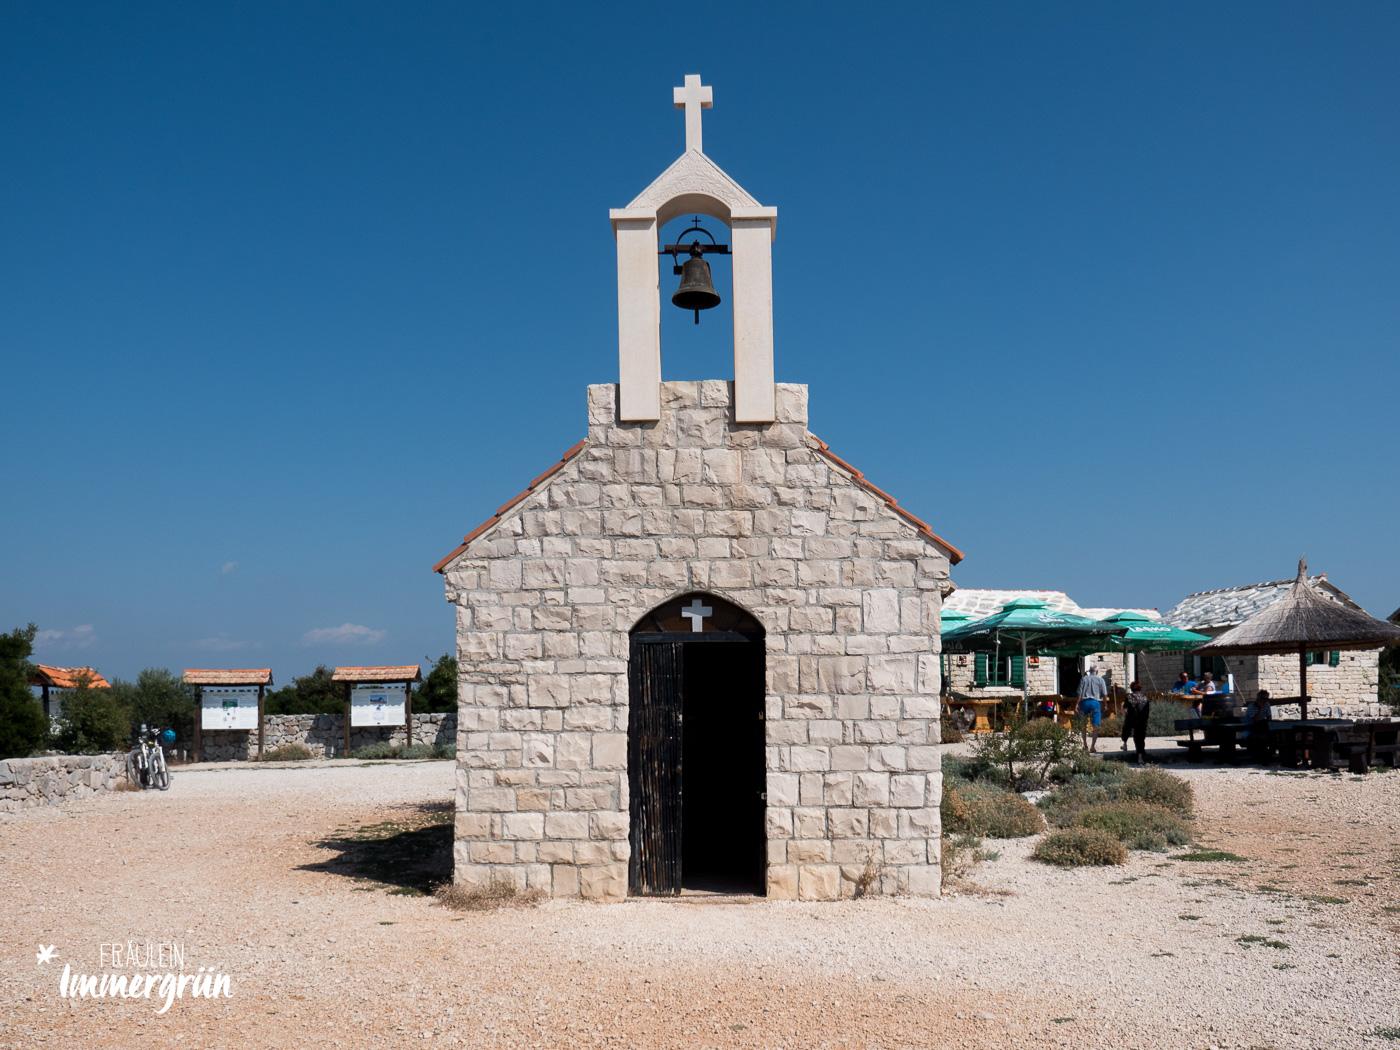 Dalmatien in Kroatien: Urlaub an der dalmatinischen Küste in der Nebensaison – Nationalpark Vransko Jezero, Aussichtspunkt Vidikovac Kamenjak